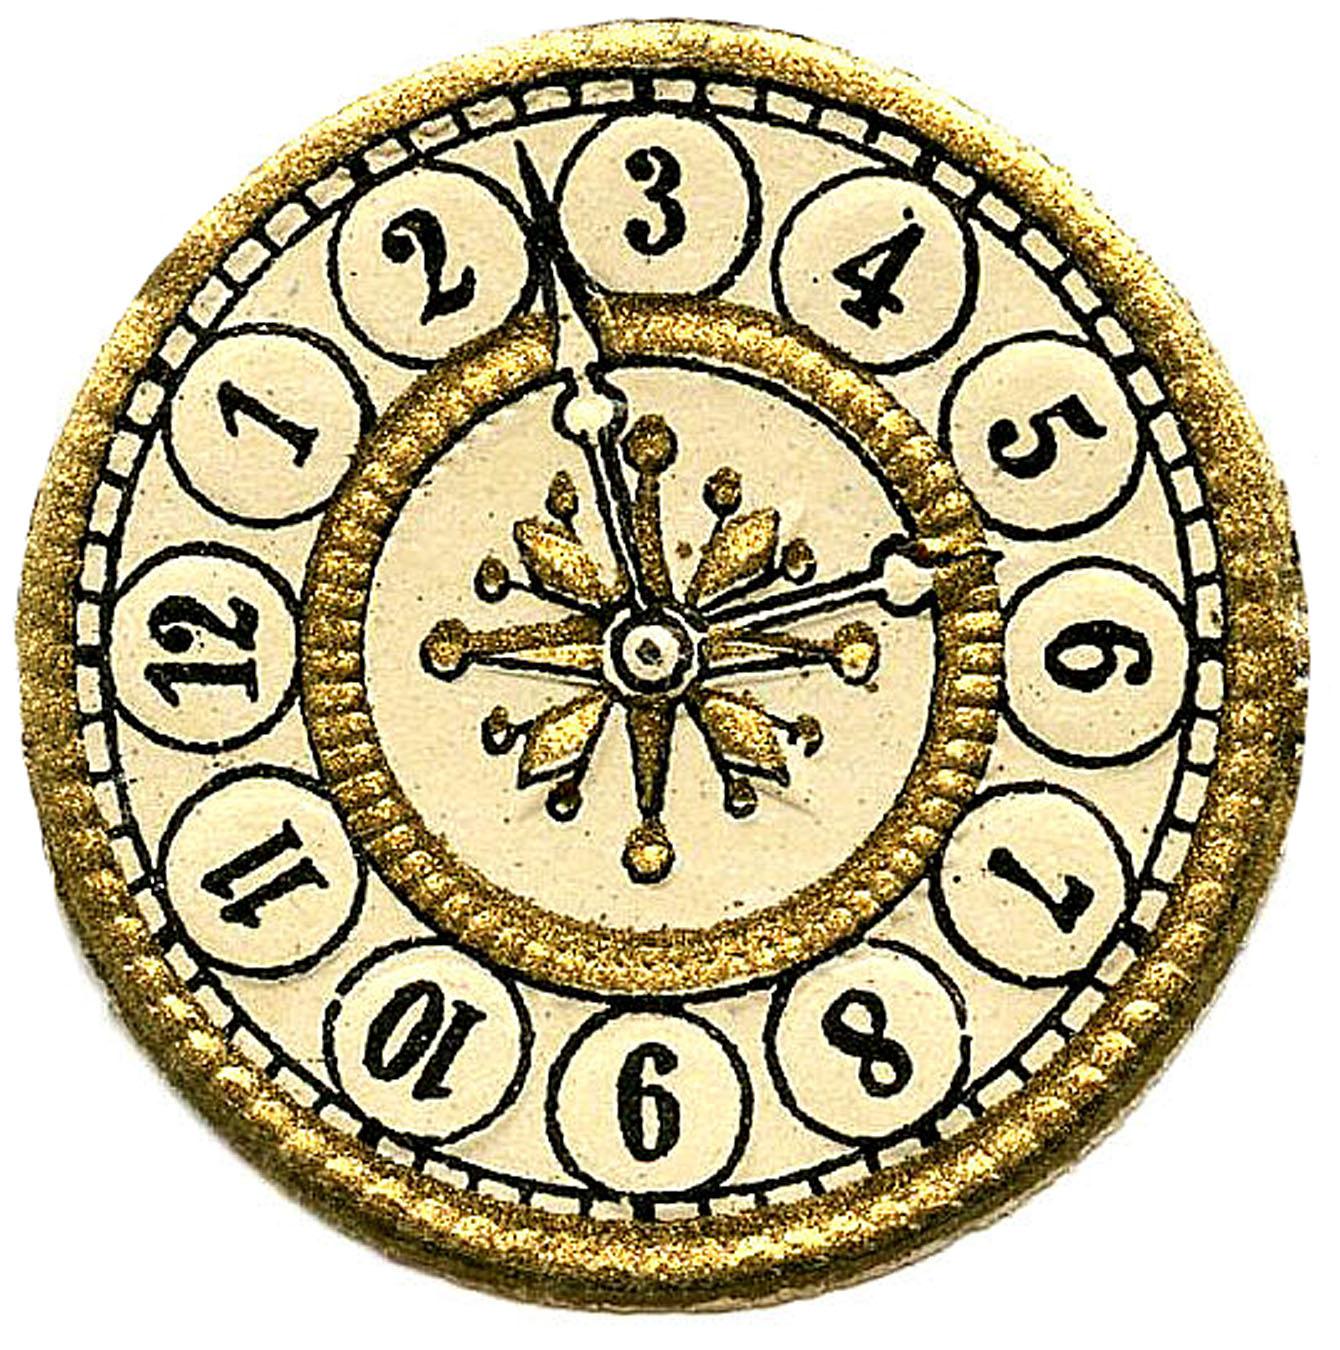 Vintage Clock Face Clipart